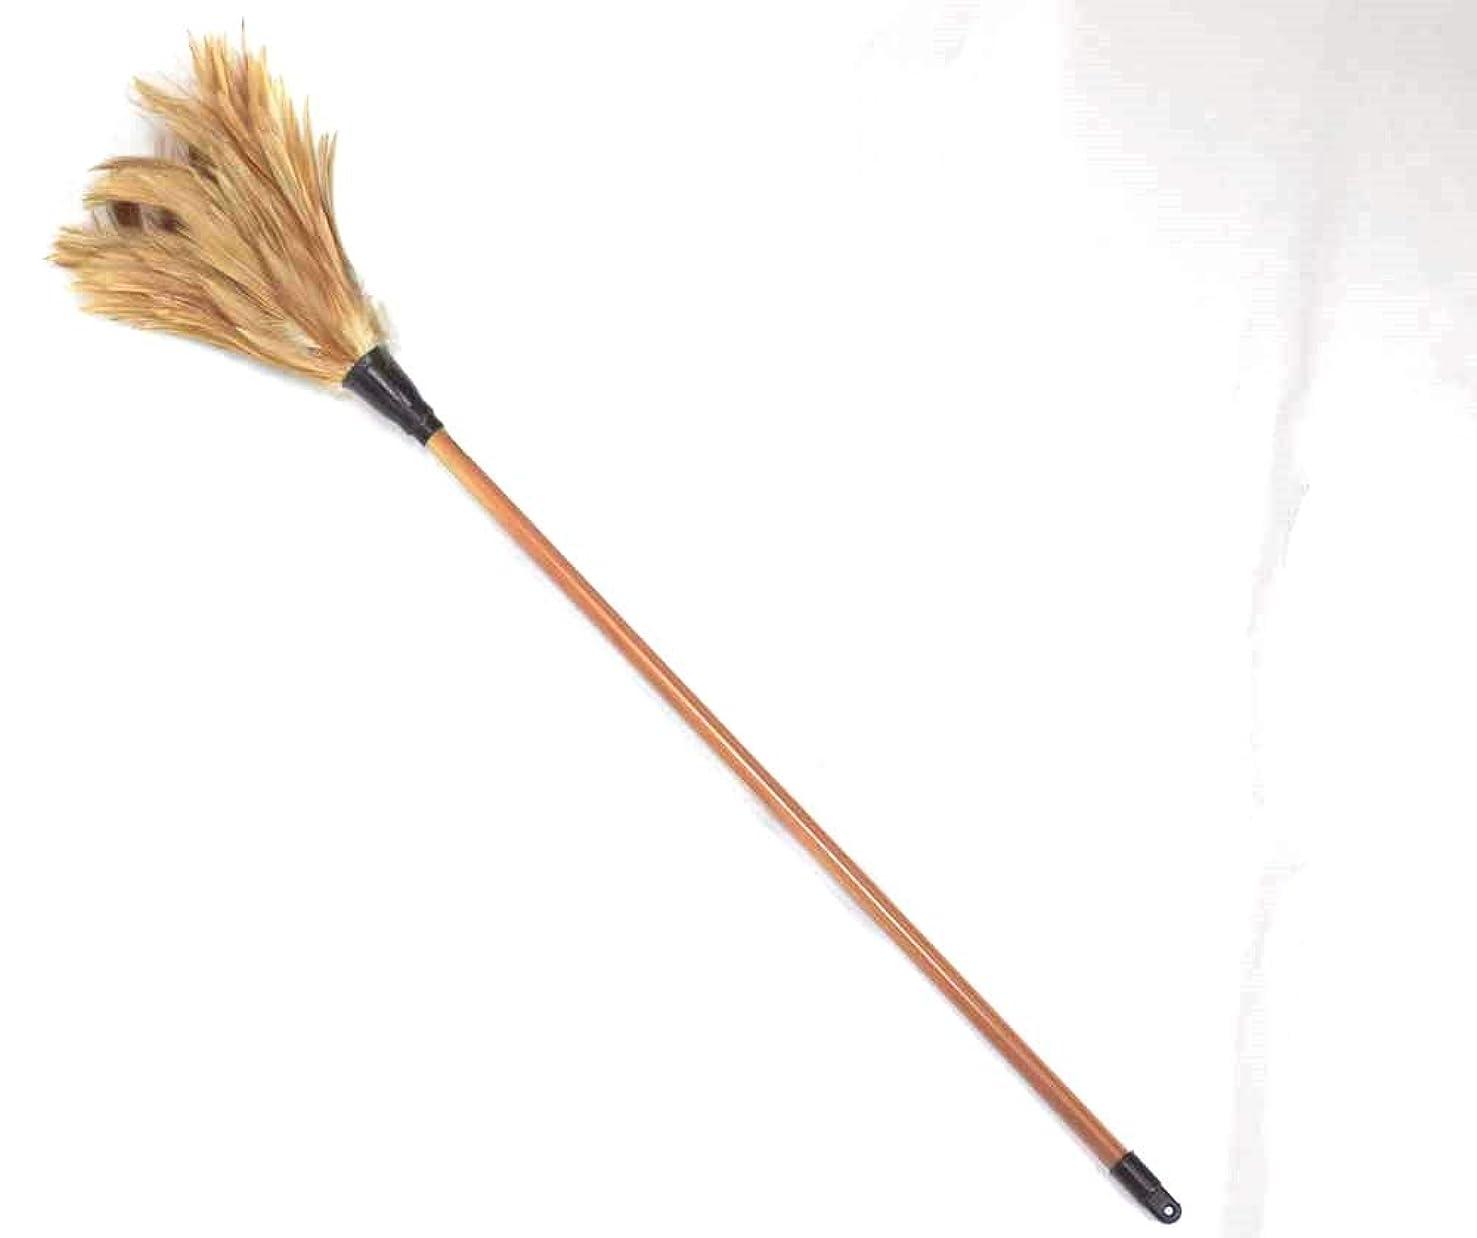 スキニー歯痛店員毛はたき 毛才 大々 仏壇や商品のホコリ払いに 羽根ハタキ